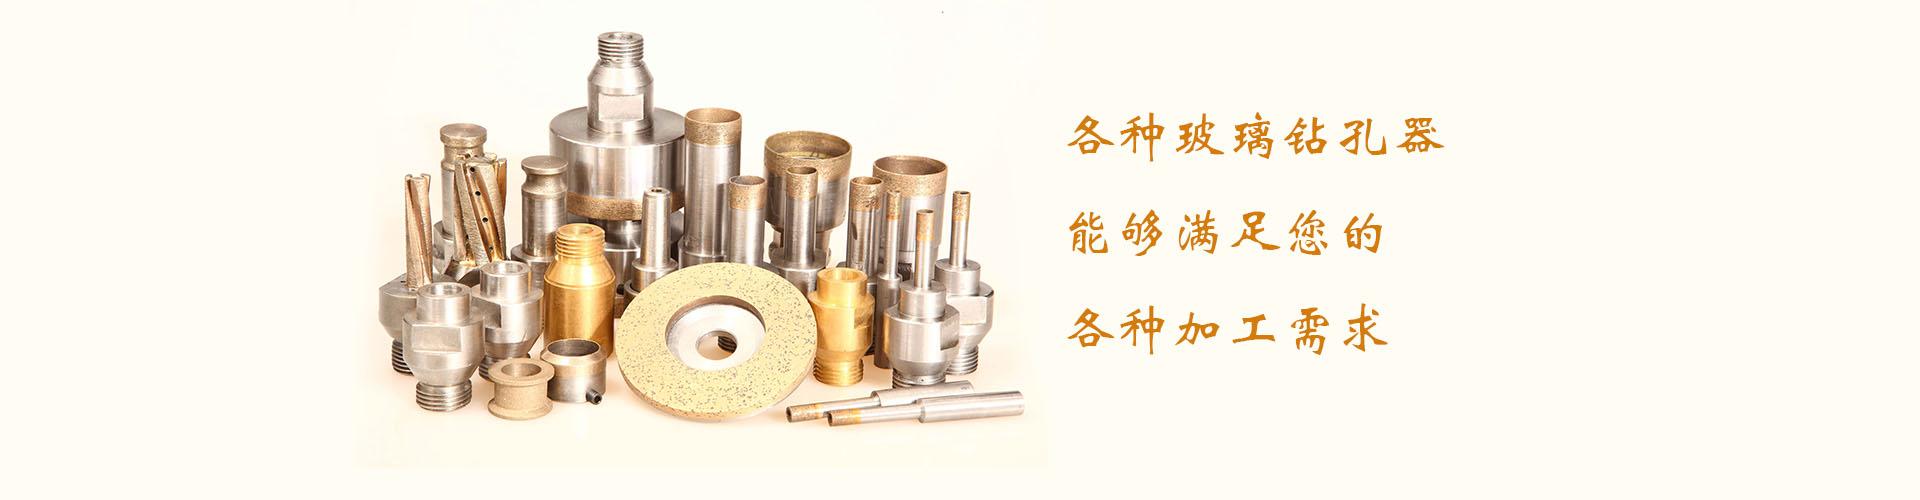 玻璃钻孔工具